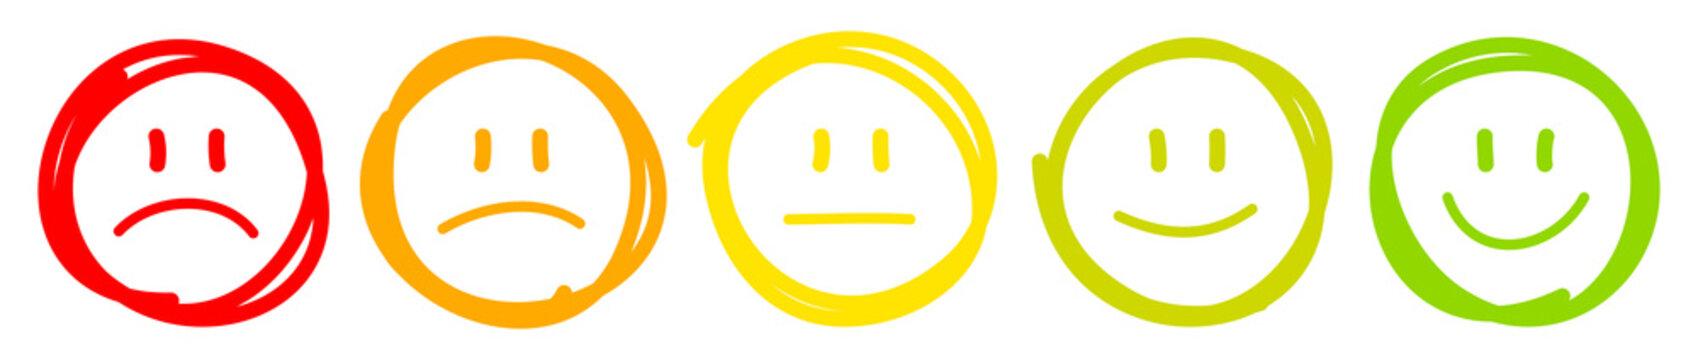 5 Handgezeichnete Gesichter Feedback/Stimmung Kontur